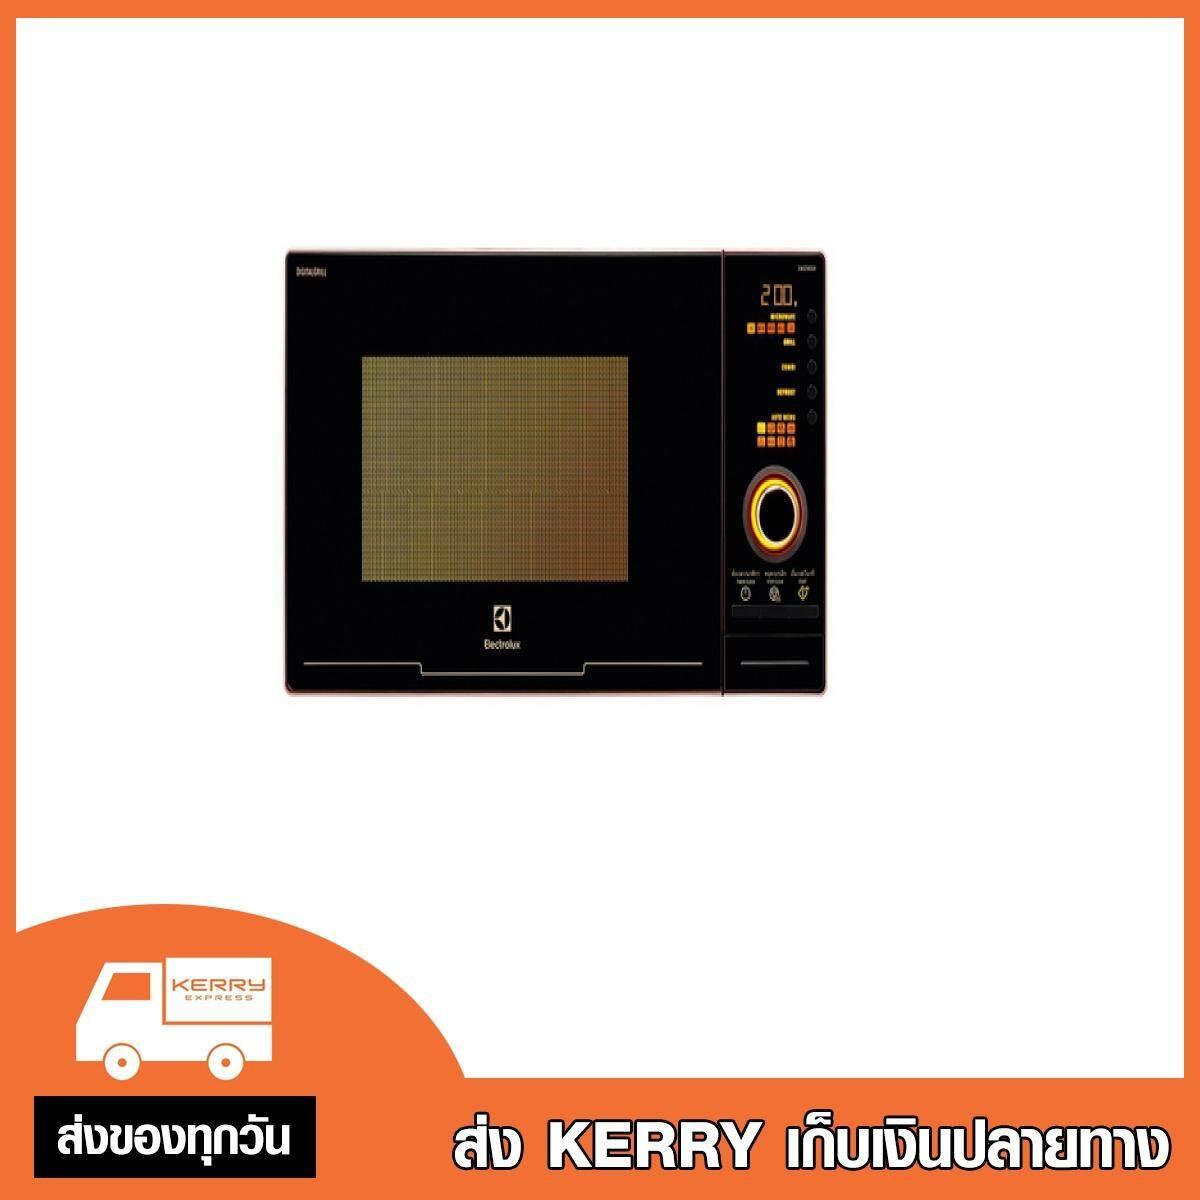 ราคาถูก DIGITAL MICROWAVE 23L ไมโครเวฟดิจิตอล ELECTROLUX EMS2382GR 23 ลิตร